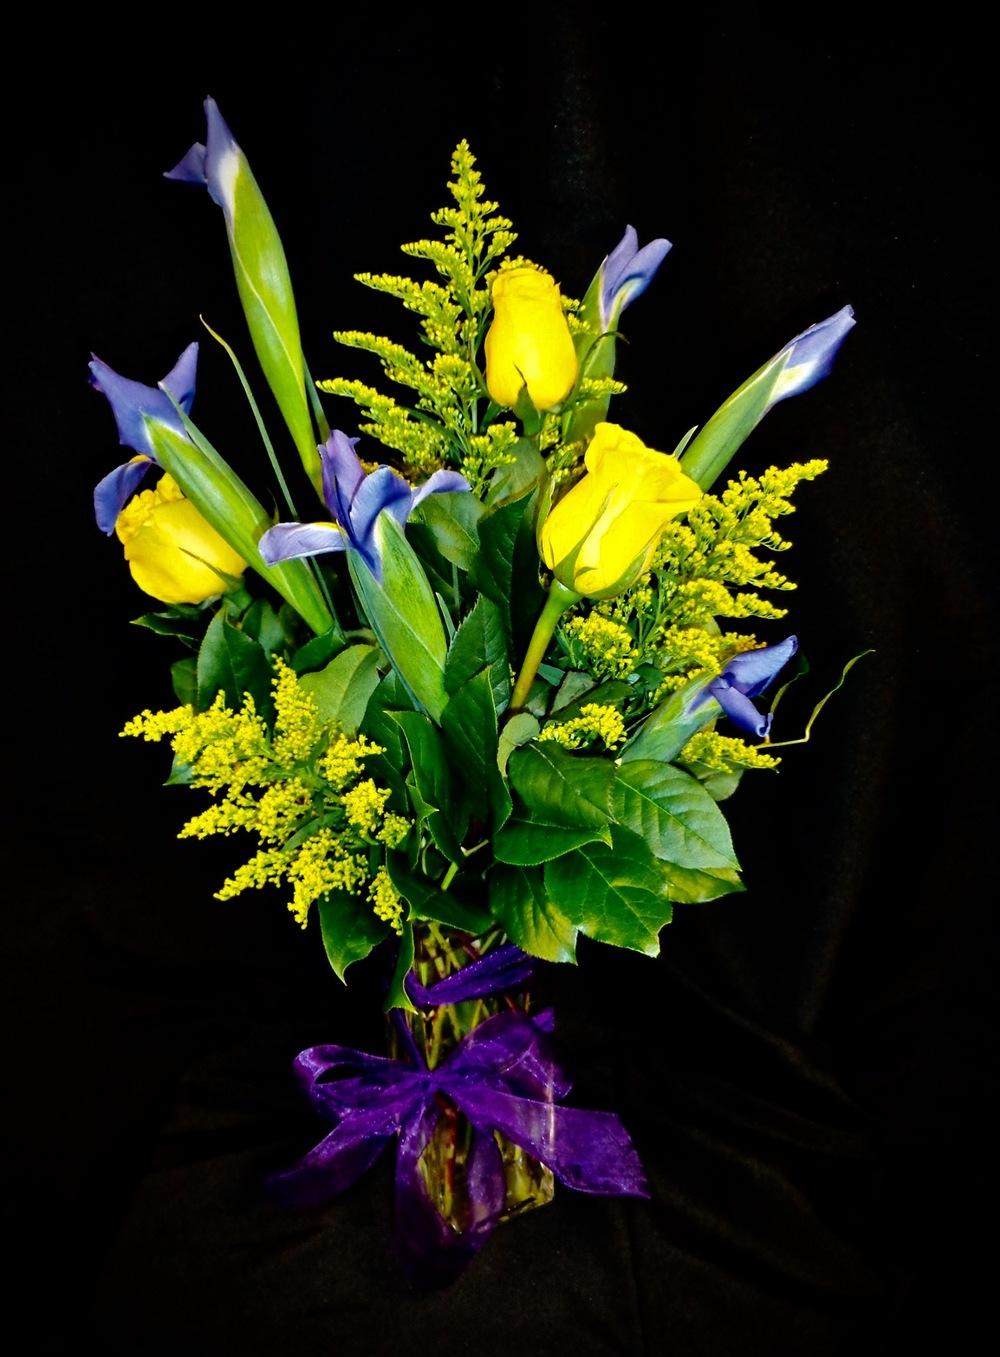 flowers - 27.jpg